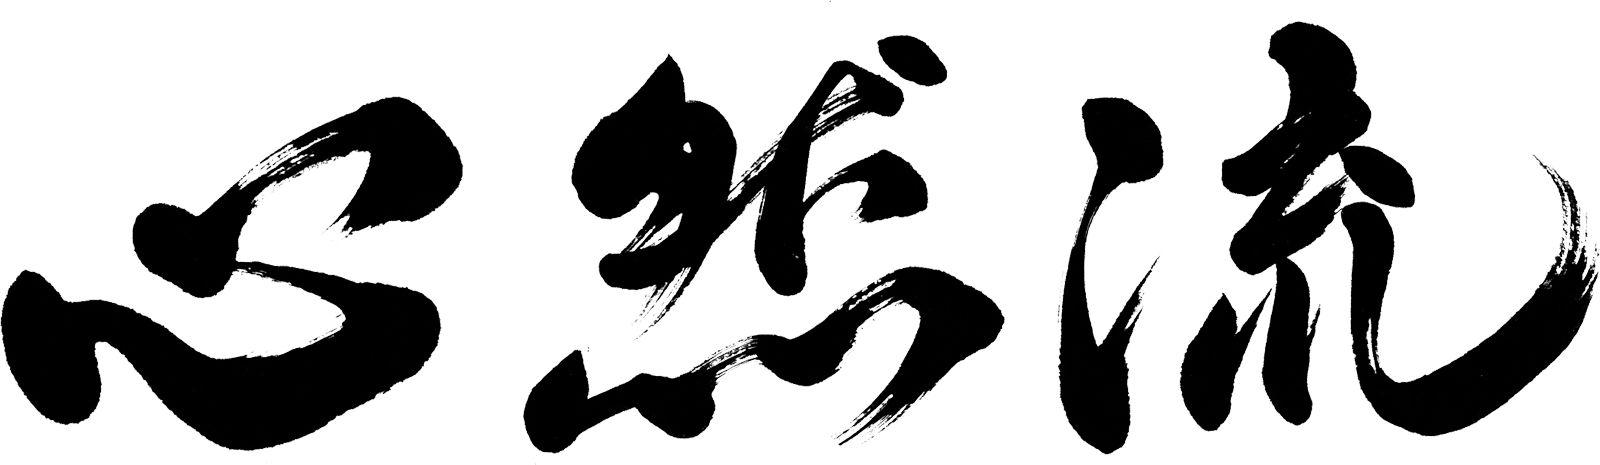 Melbourne Aikido SHINZENRYU AIKIDO